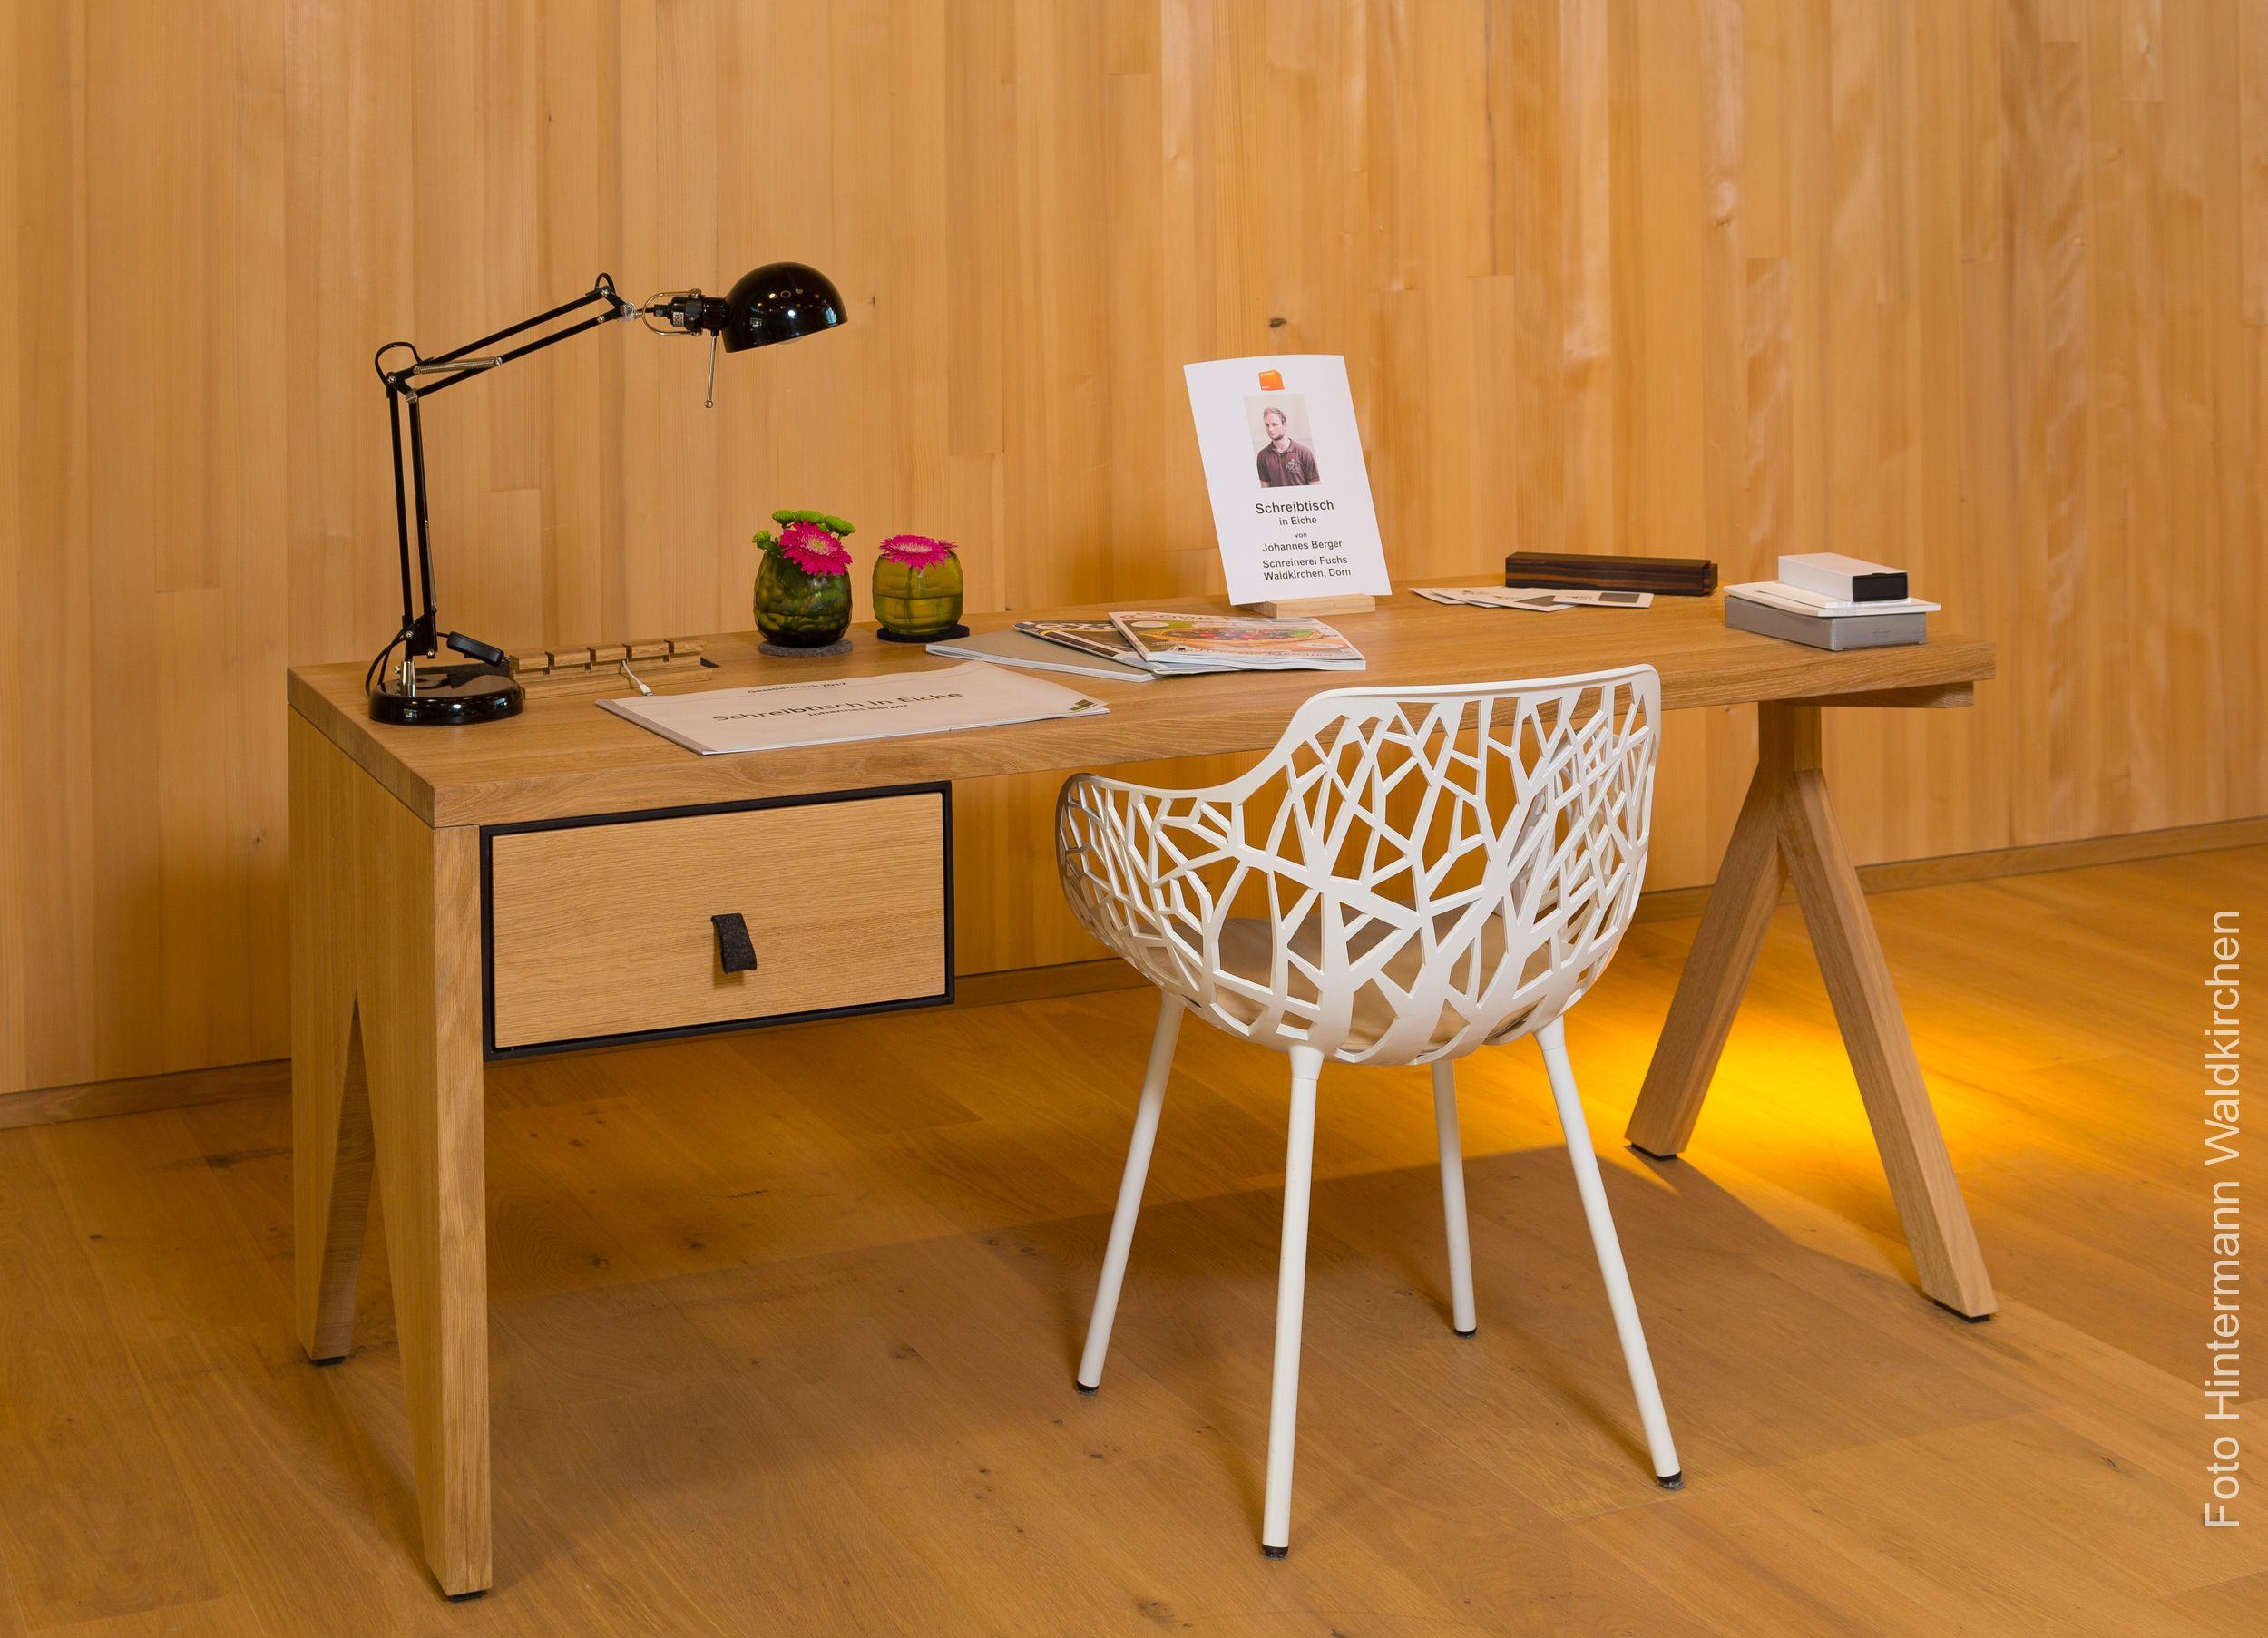 Gesellenstuck 2017 Schreibtisch Aus Eiche Und Schwarzer Mdf Schreiner Gesellenstuck Tischler Holz Selbermache Gesellenstuck Tischler Schreibtisch